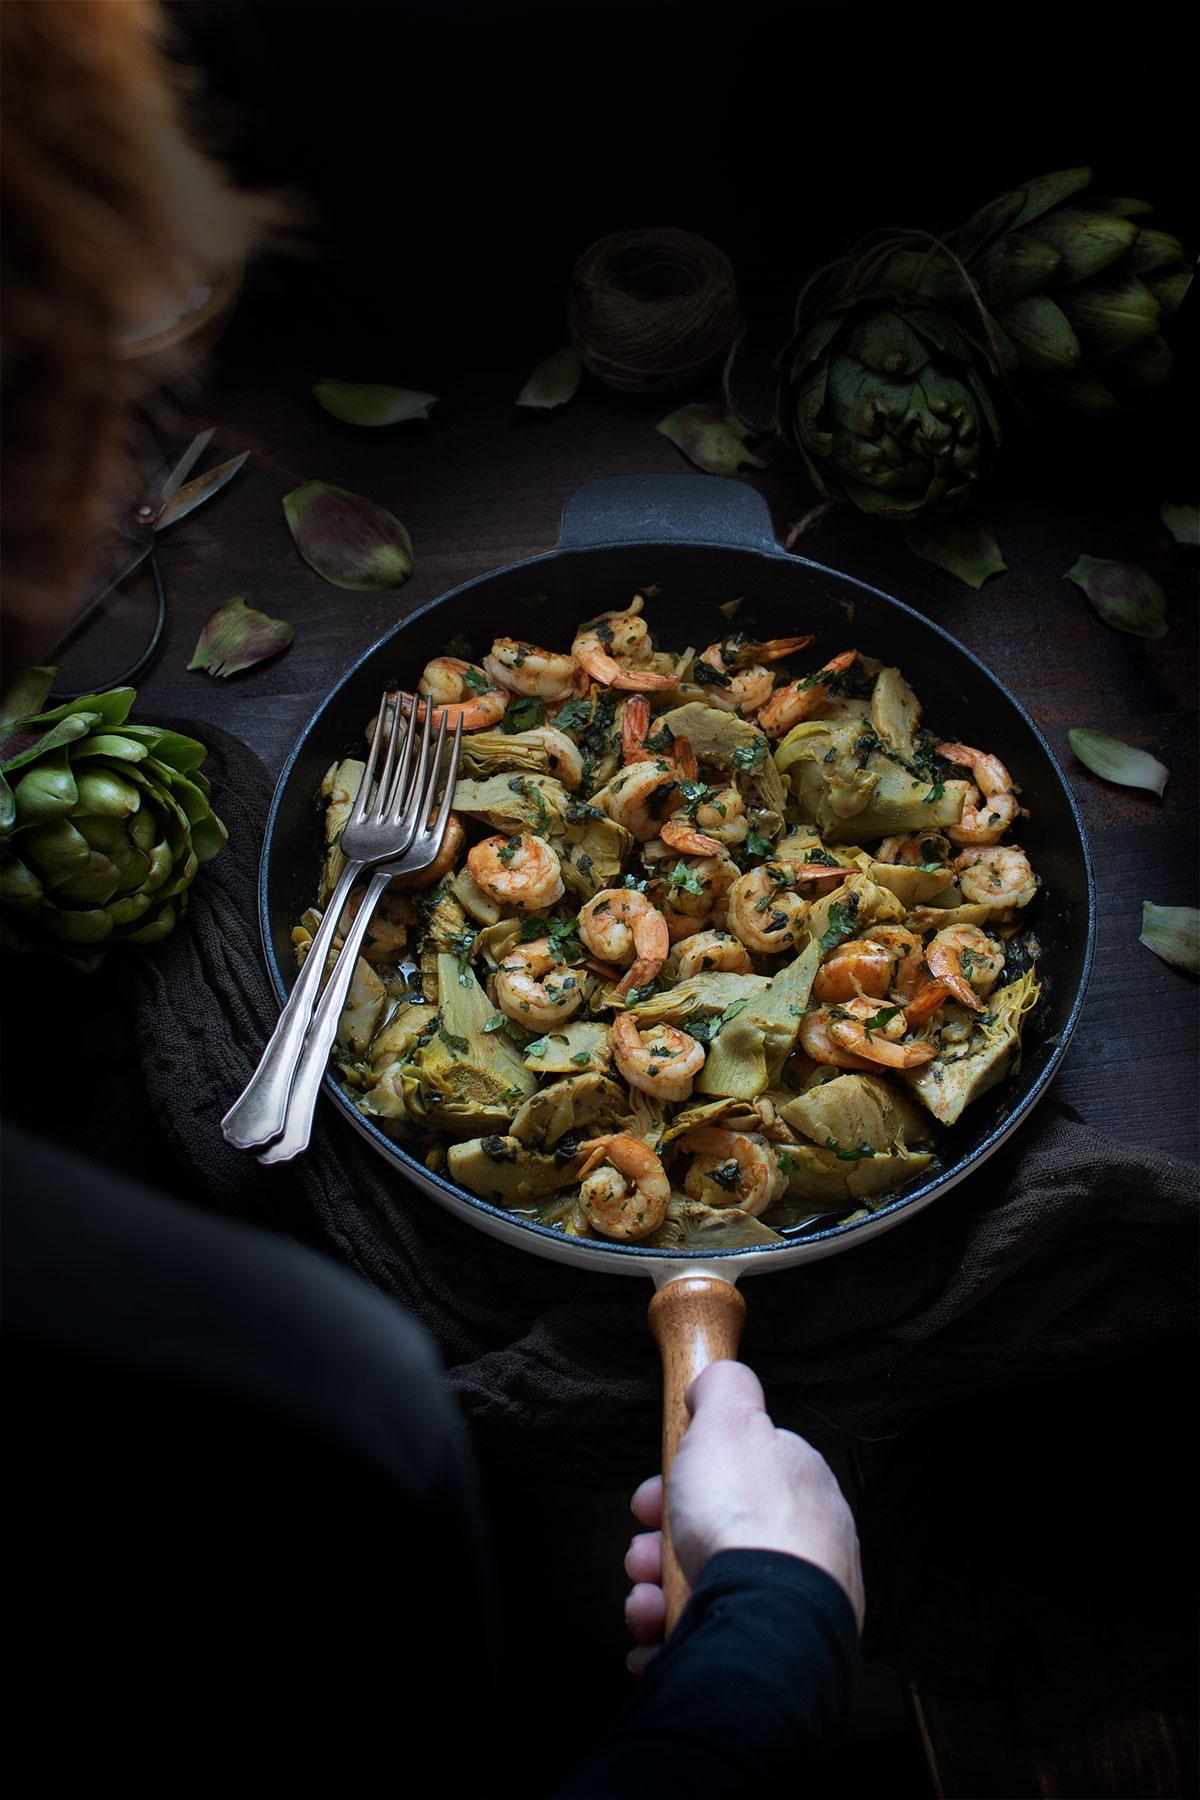 γαρίδες σαγανάκι με αγκινάρες και σπανάκι